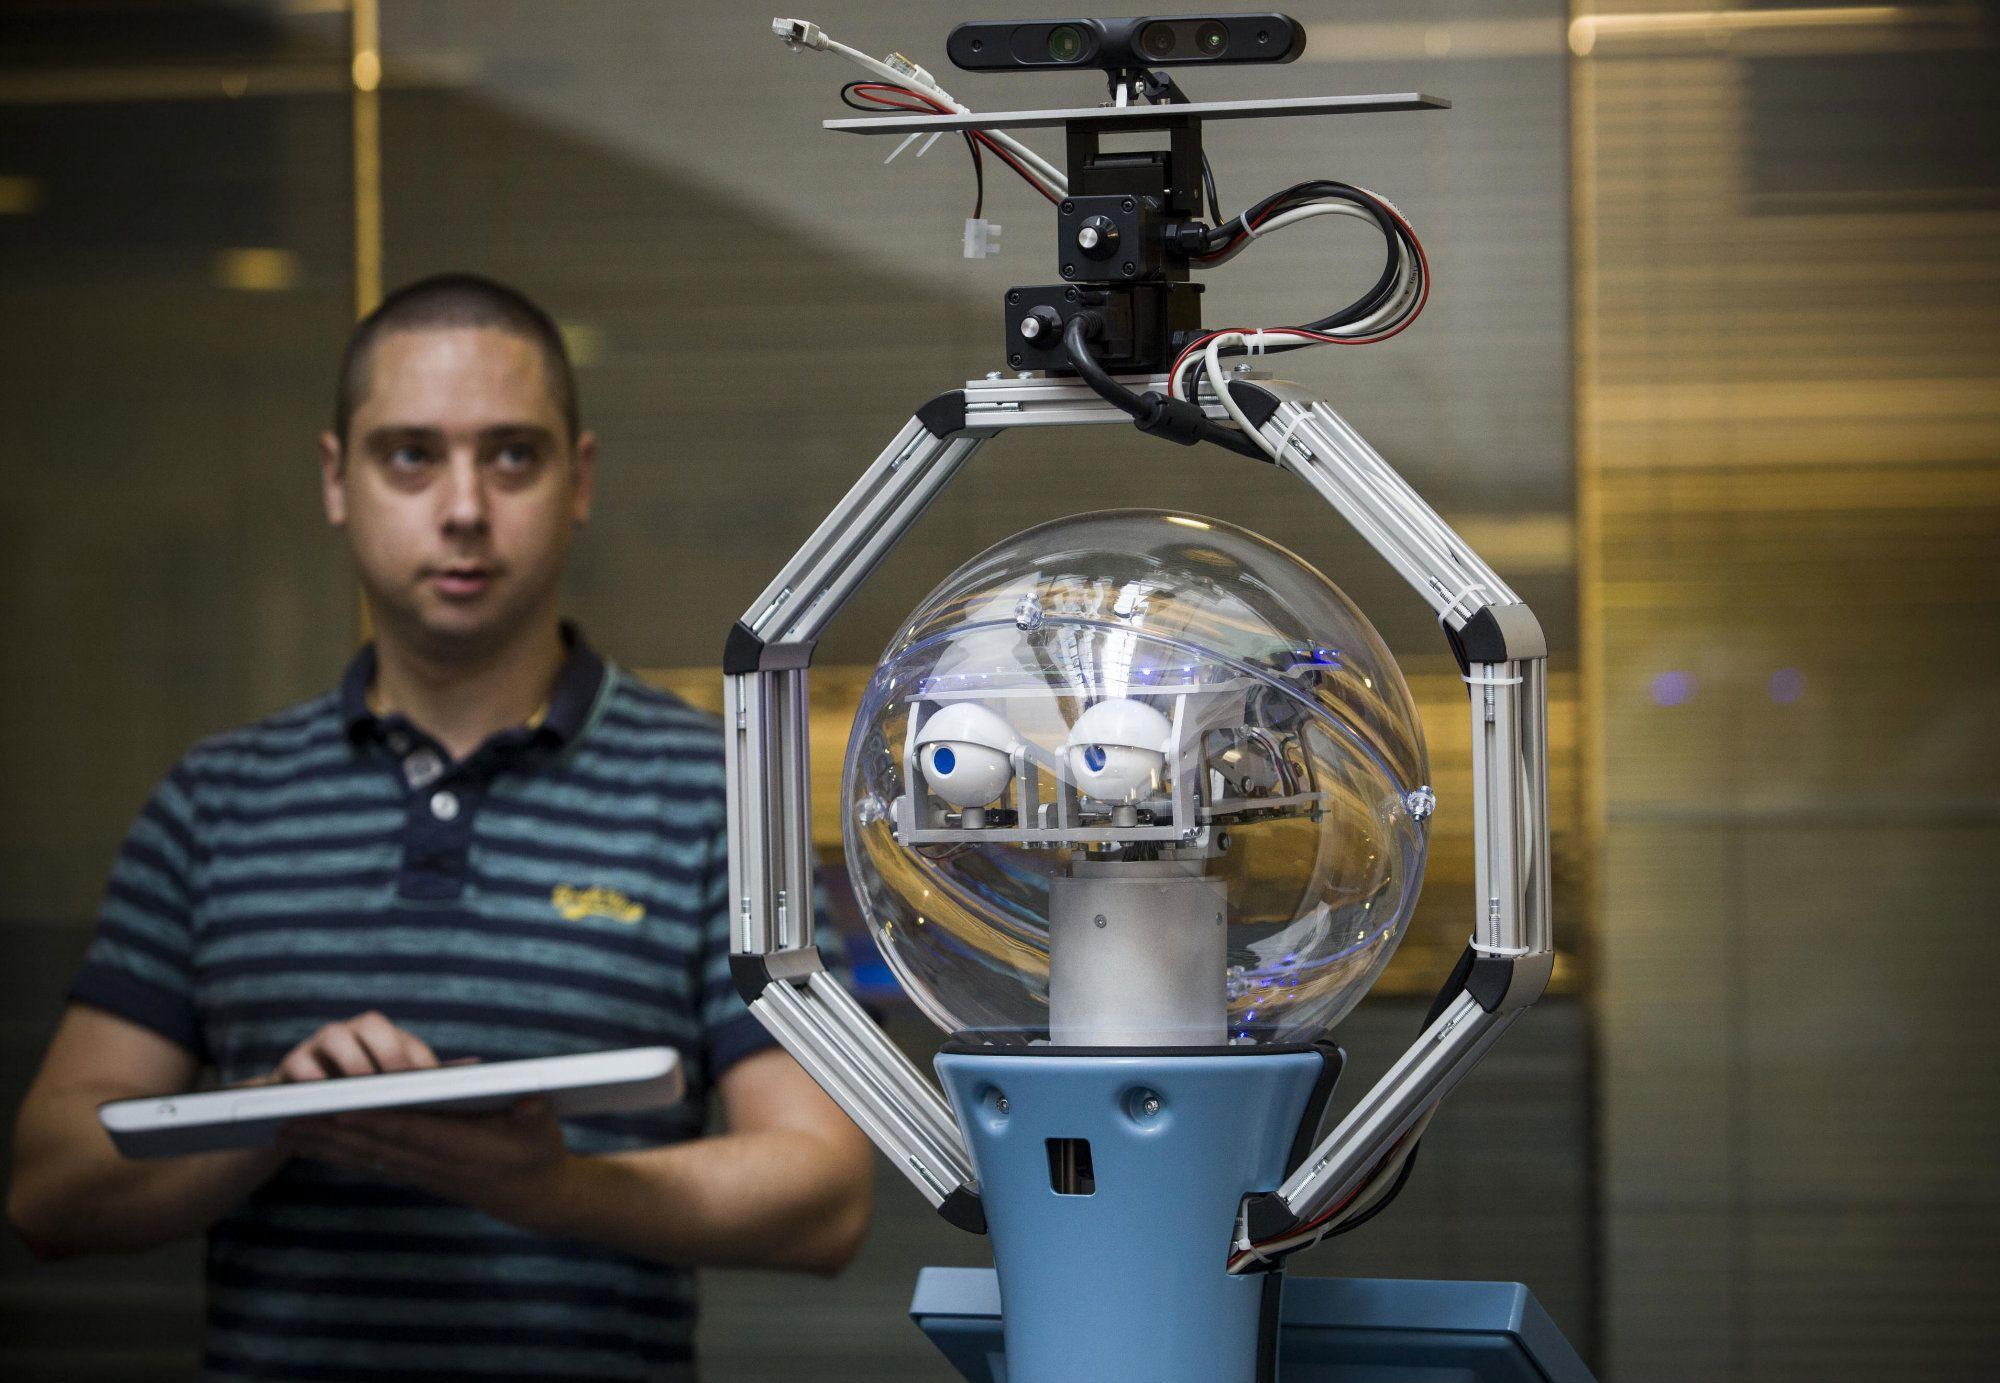 Bob the autonomous robot